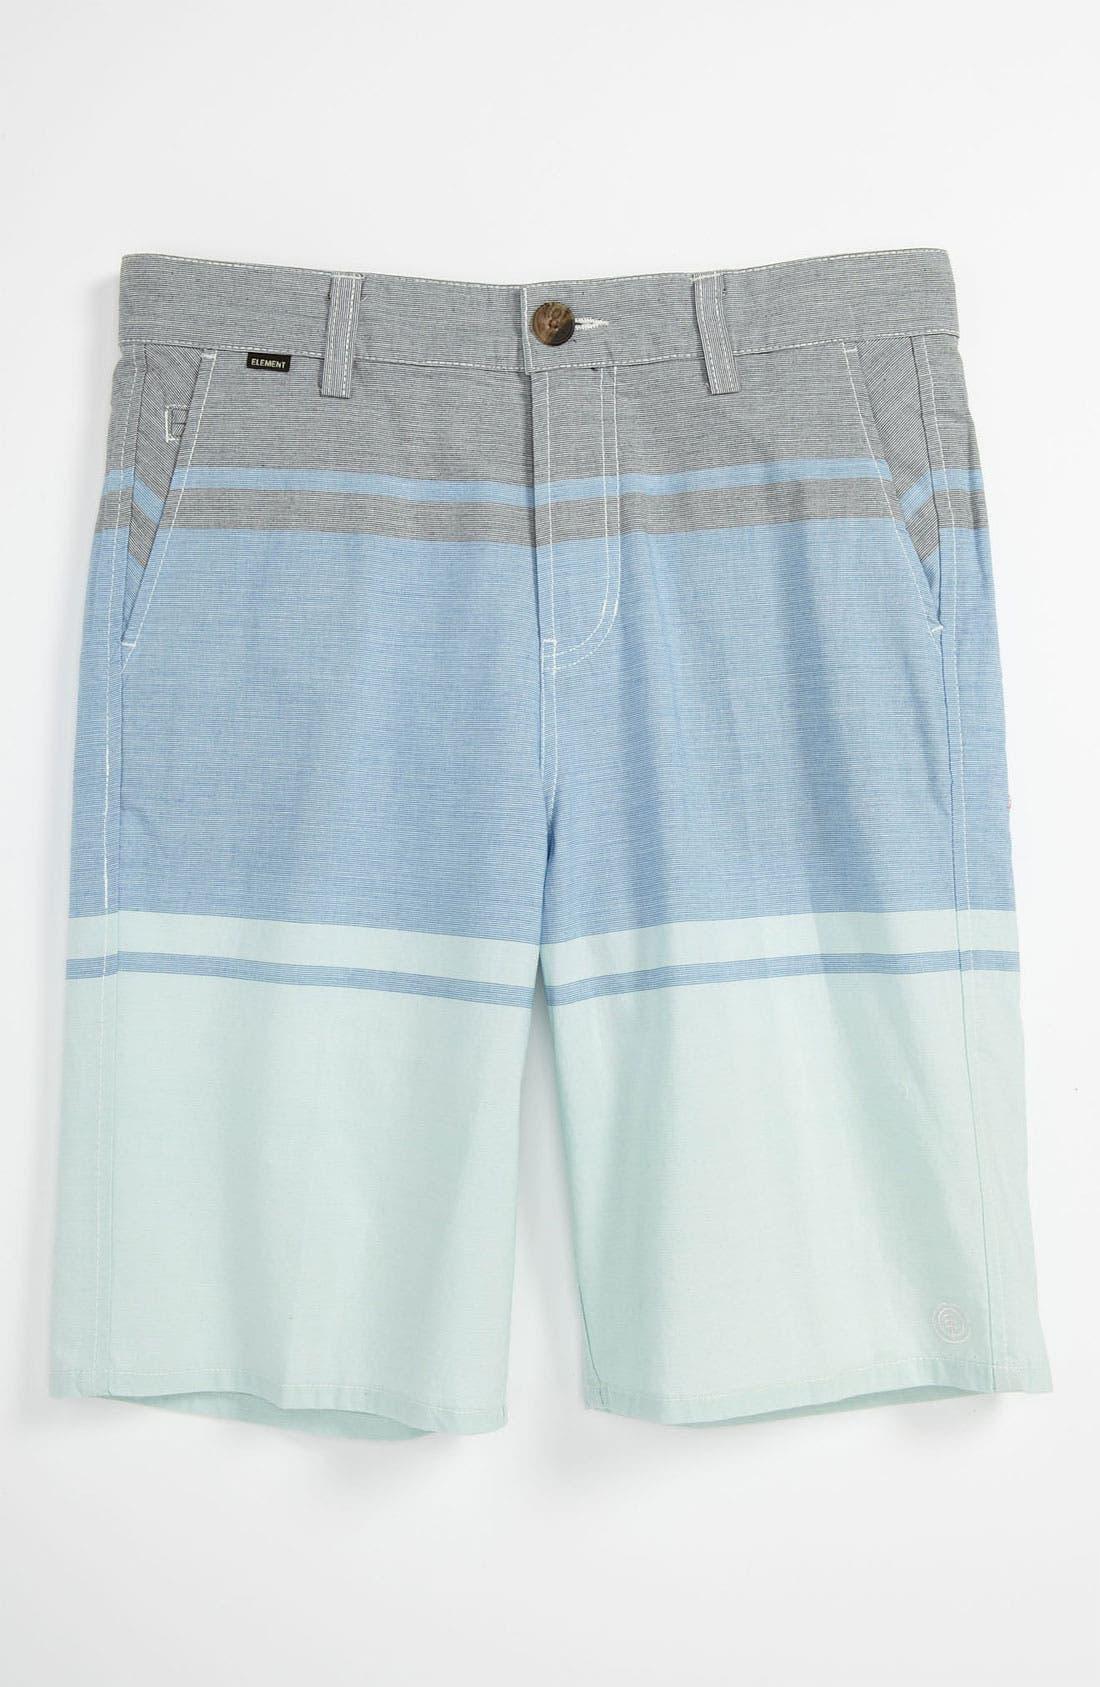 Alternate Image 1 Selected - Element 'Alex' Yarn Dyed Shorts (Big Boys)